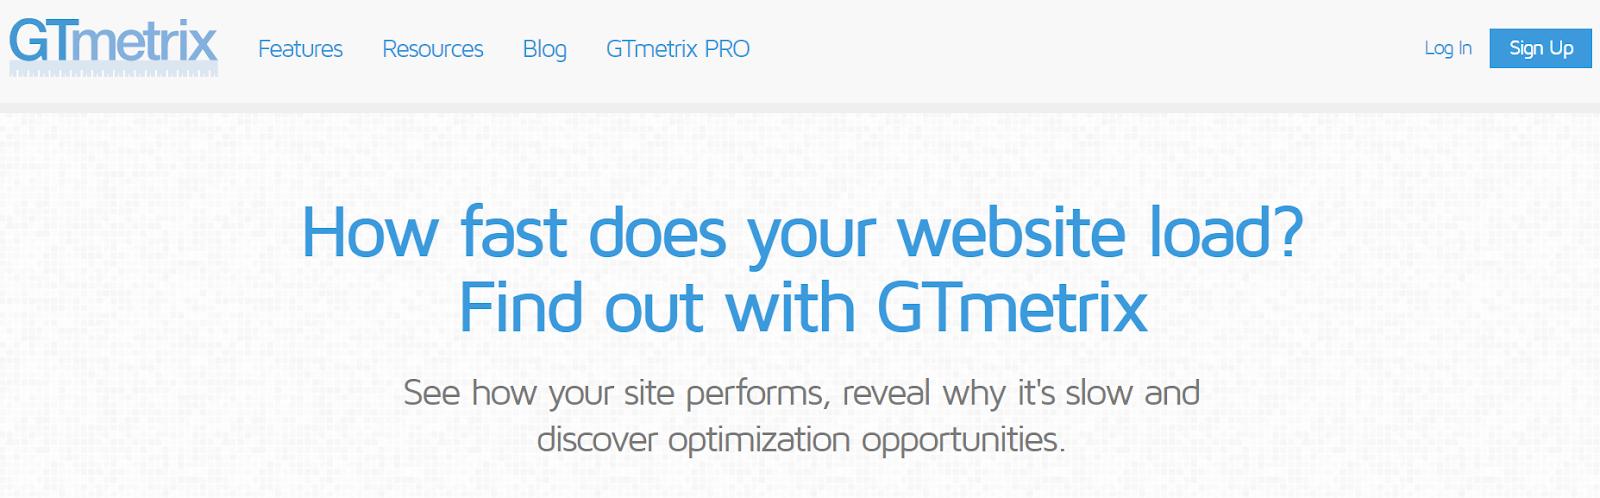 GTmetrix website load speed